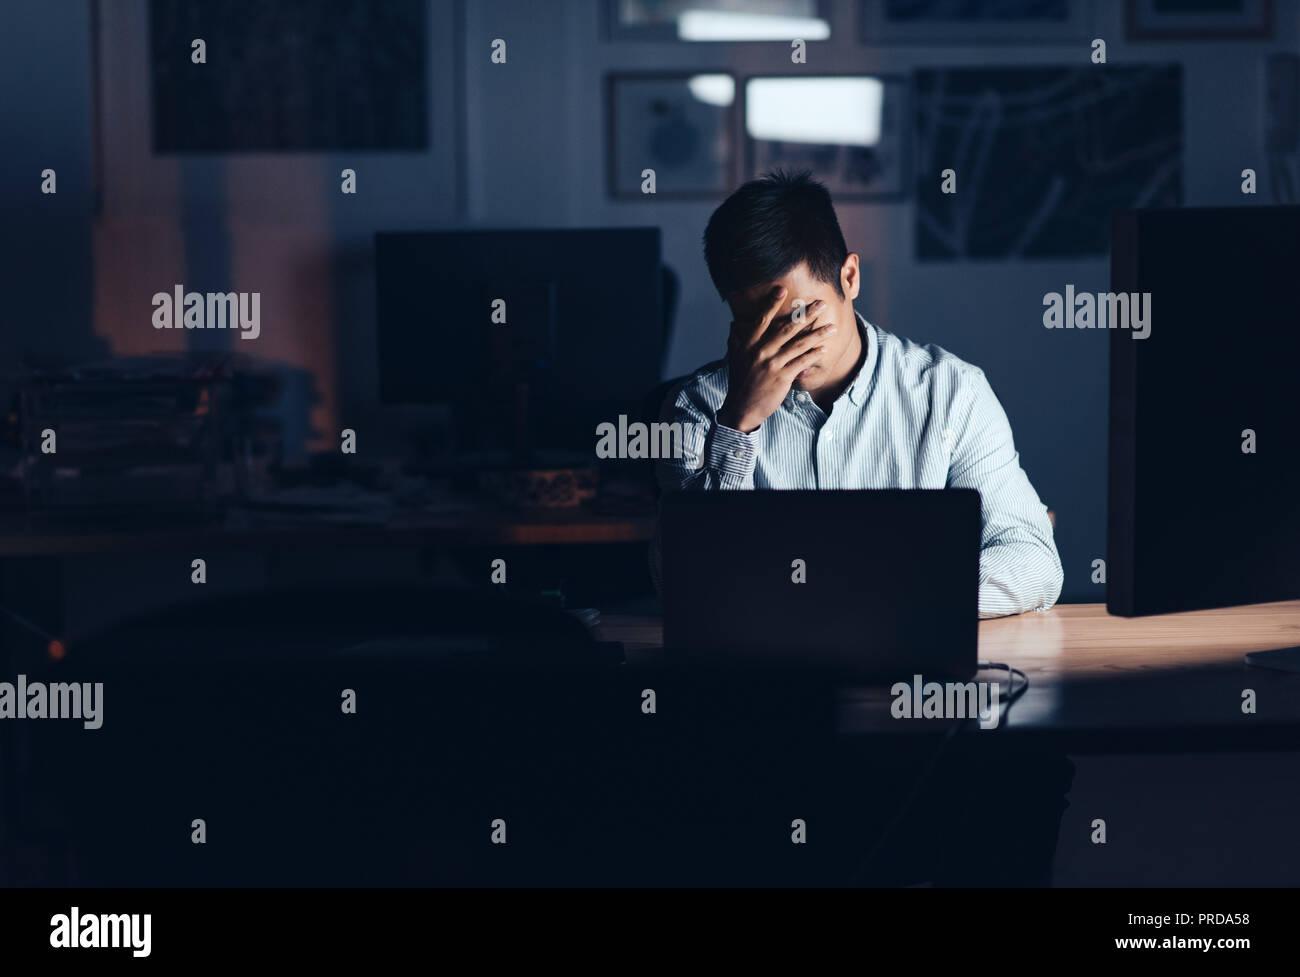 Agotado empresario asiático trabajar hasta tarde en la noche en una oficina. Foto de stock